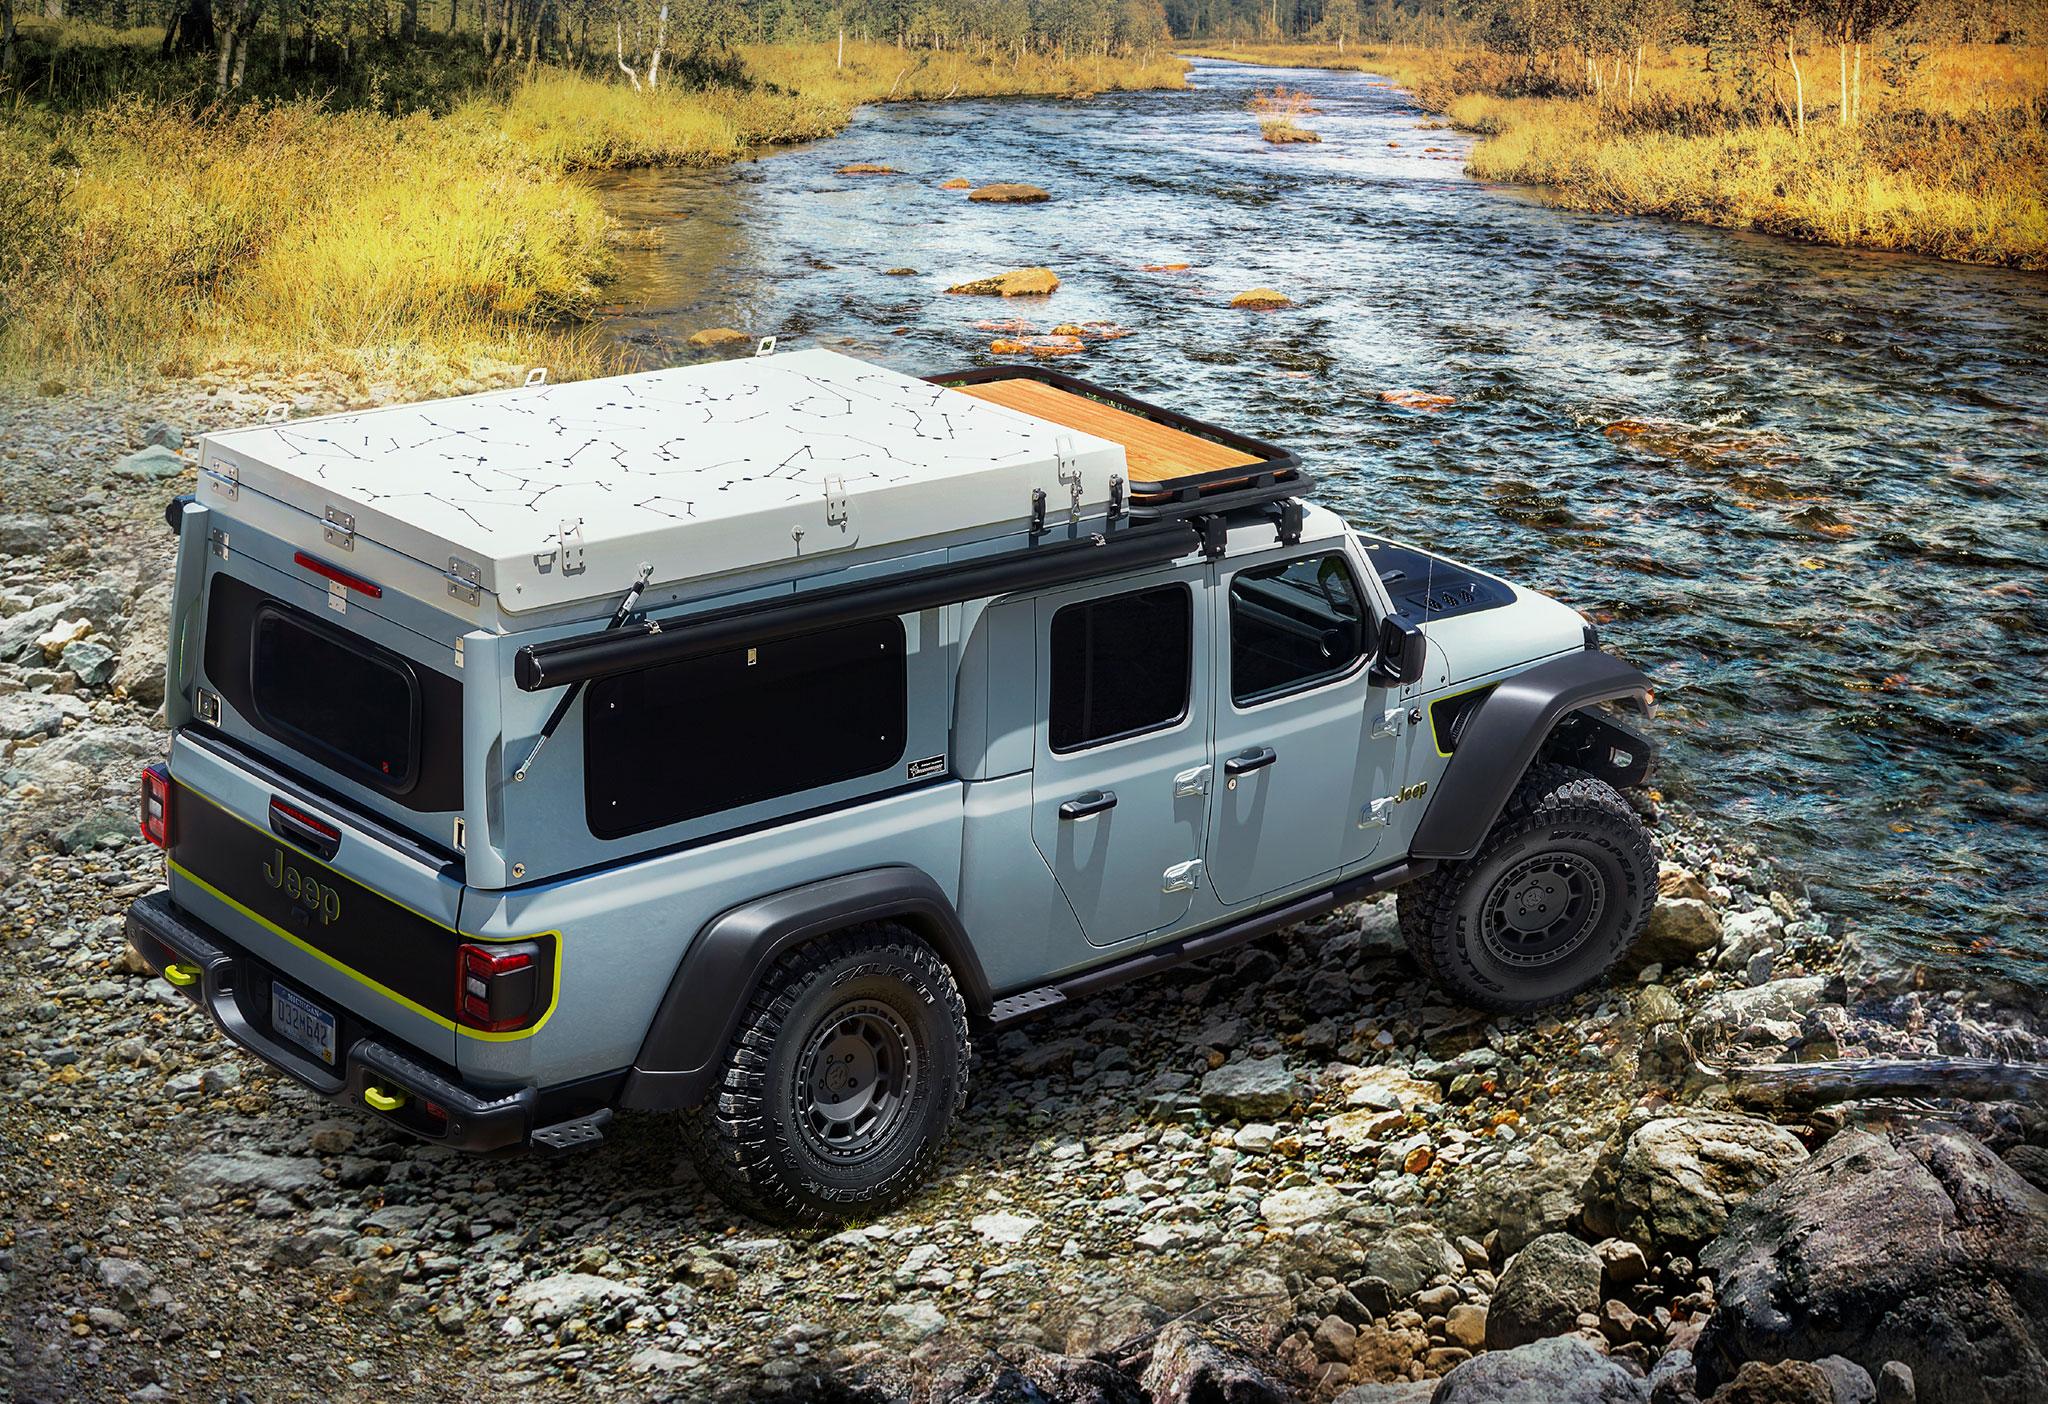 2020 Jeep Gladiator Farout Concept trois quarts arrière droit - Jeep et Moab 2020.